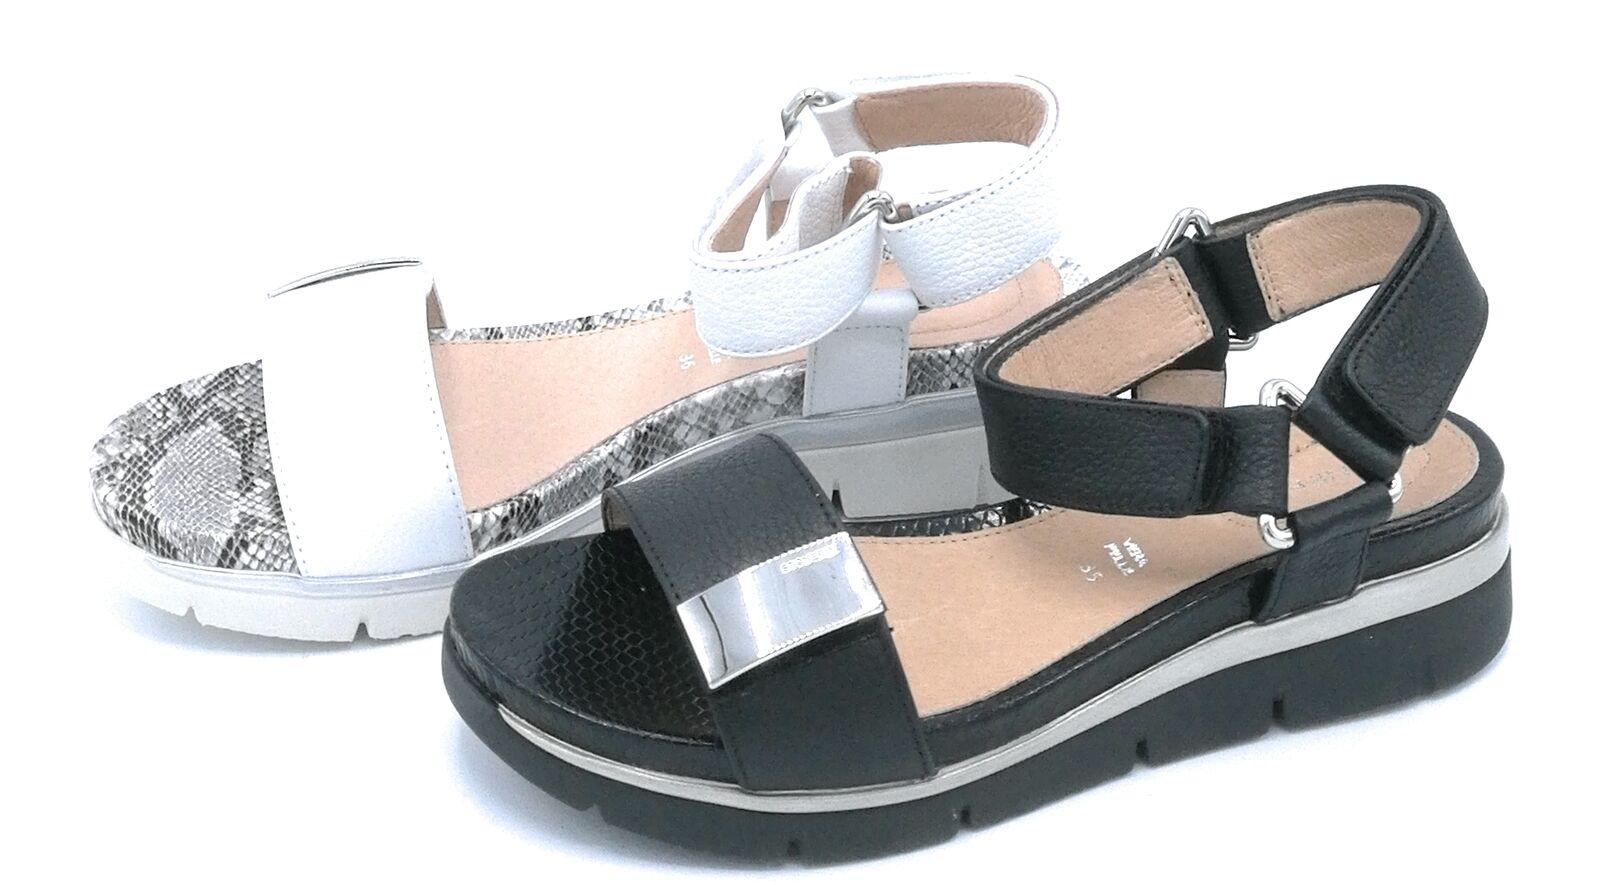 Stonefly 210863 sandalo pelle bottalata black   bianco cinturino strap accessorio